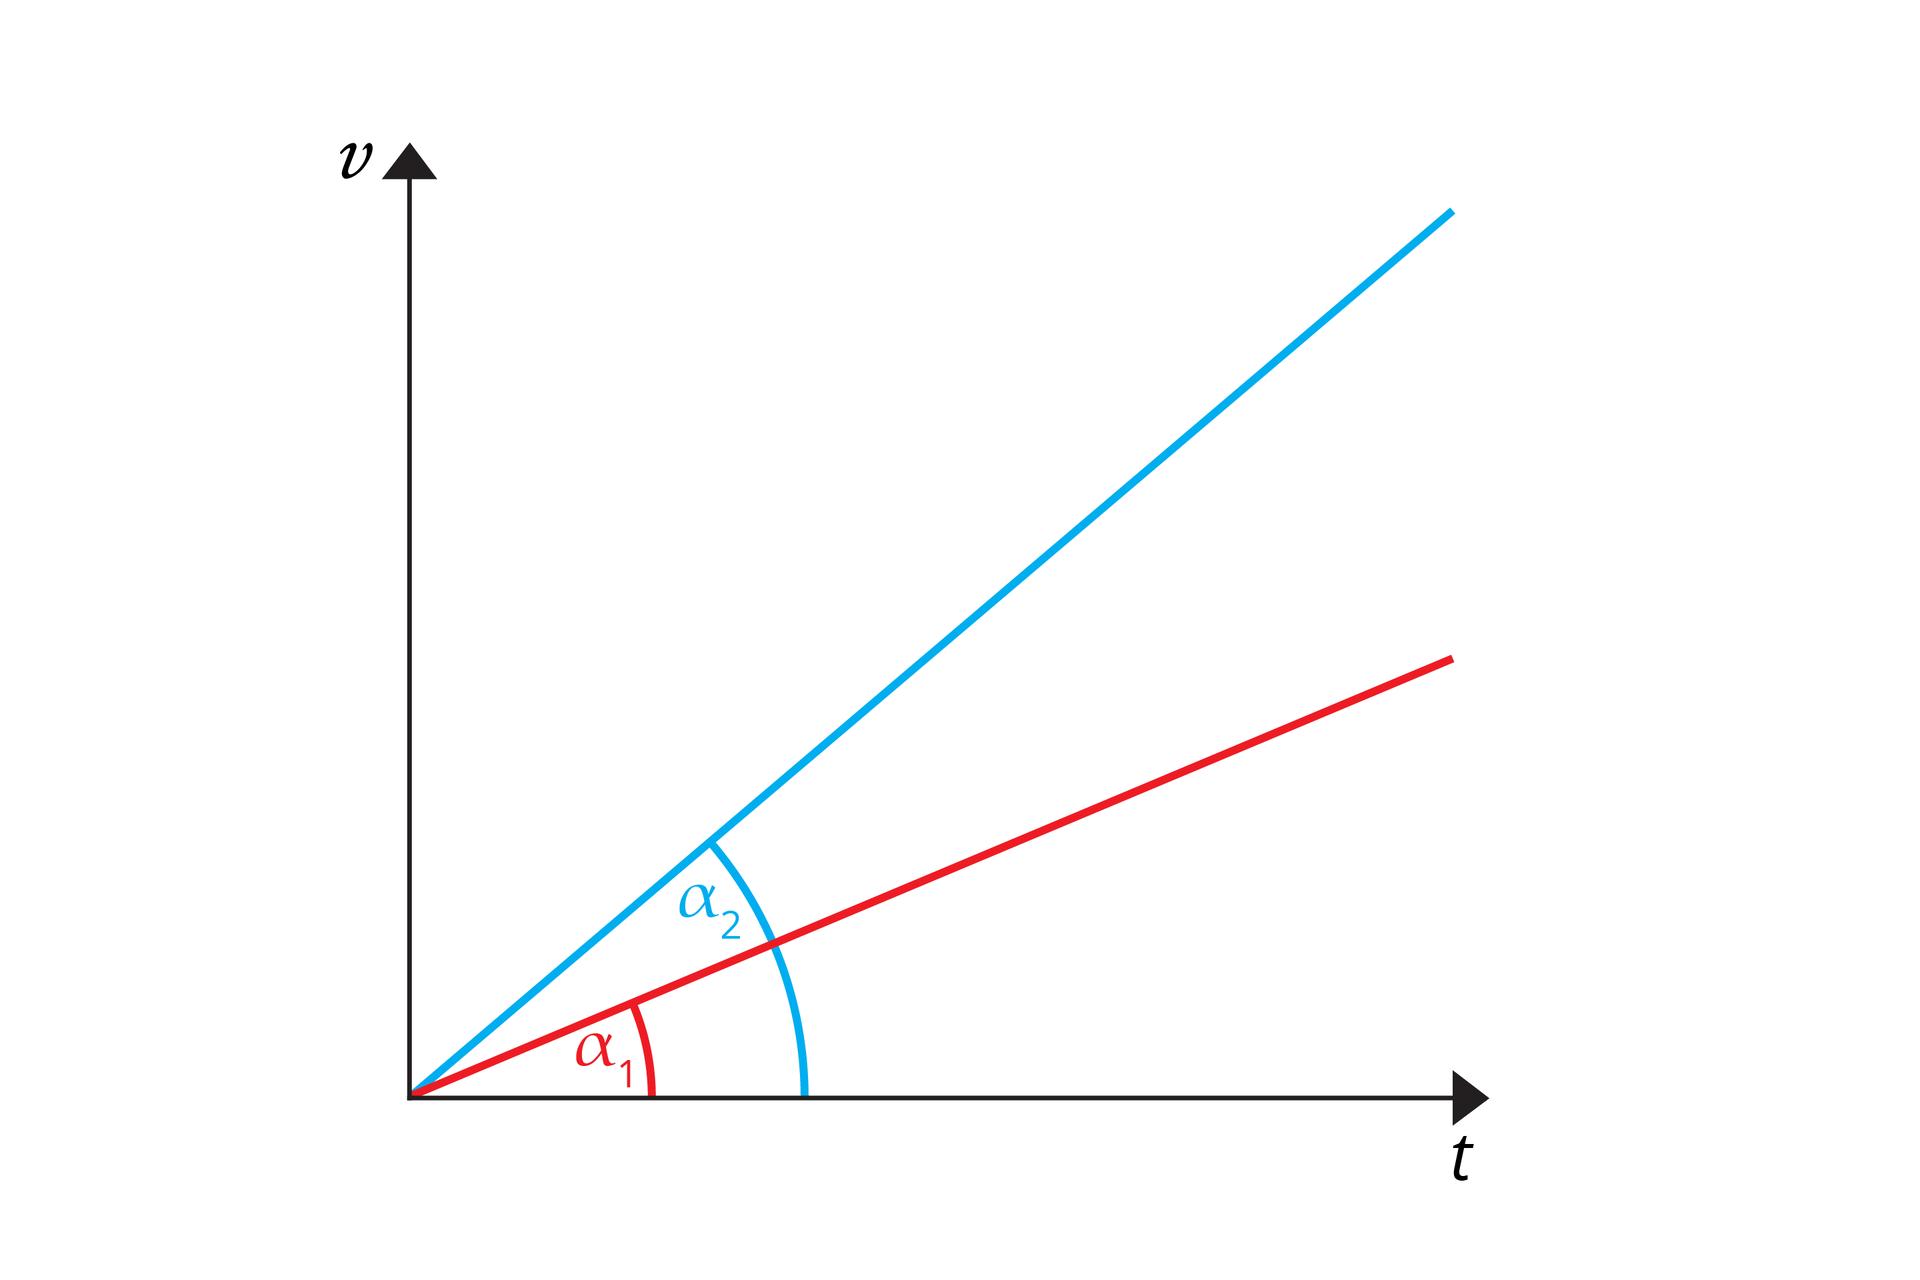 """Schemat przedstawia wykres zależności prędkości od czasu. Oś odciętych opisana jako """"t,"""". Oś rzędnych opisana jako v"""". Na wykresie widoczne dwa odcinki: niebieski iczerwony. Oba mają początek wpoczątku układu współrzędnych. Odcinek niebieski leży względem osi odciętych pod kątem ok. 45 stopni. Odcinek czerwony leży względem osi odciętych pod ostrzejszym kątem. Na wykresie greckimi literami oznaczono kąty. Dla odcinka czerwonego α1. Dla odcinka niebieskiego α2."""